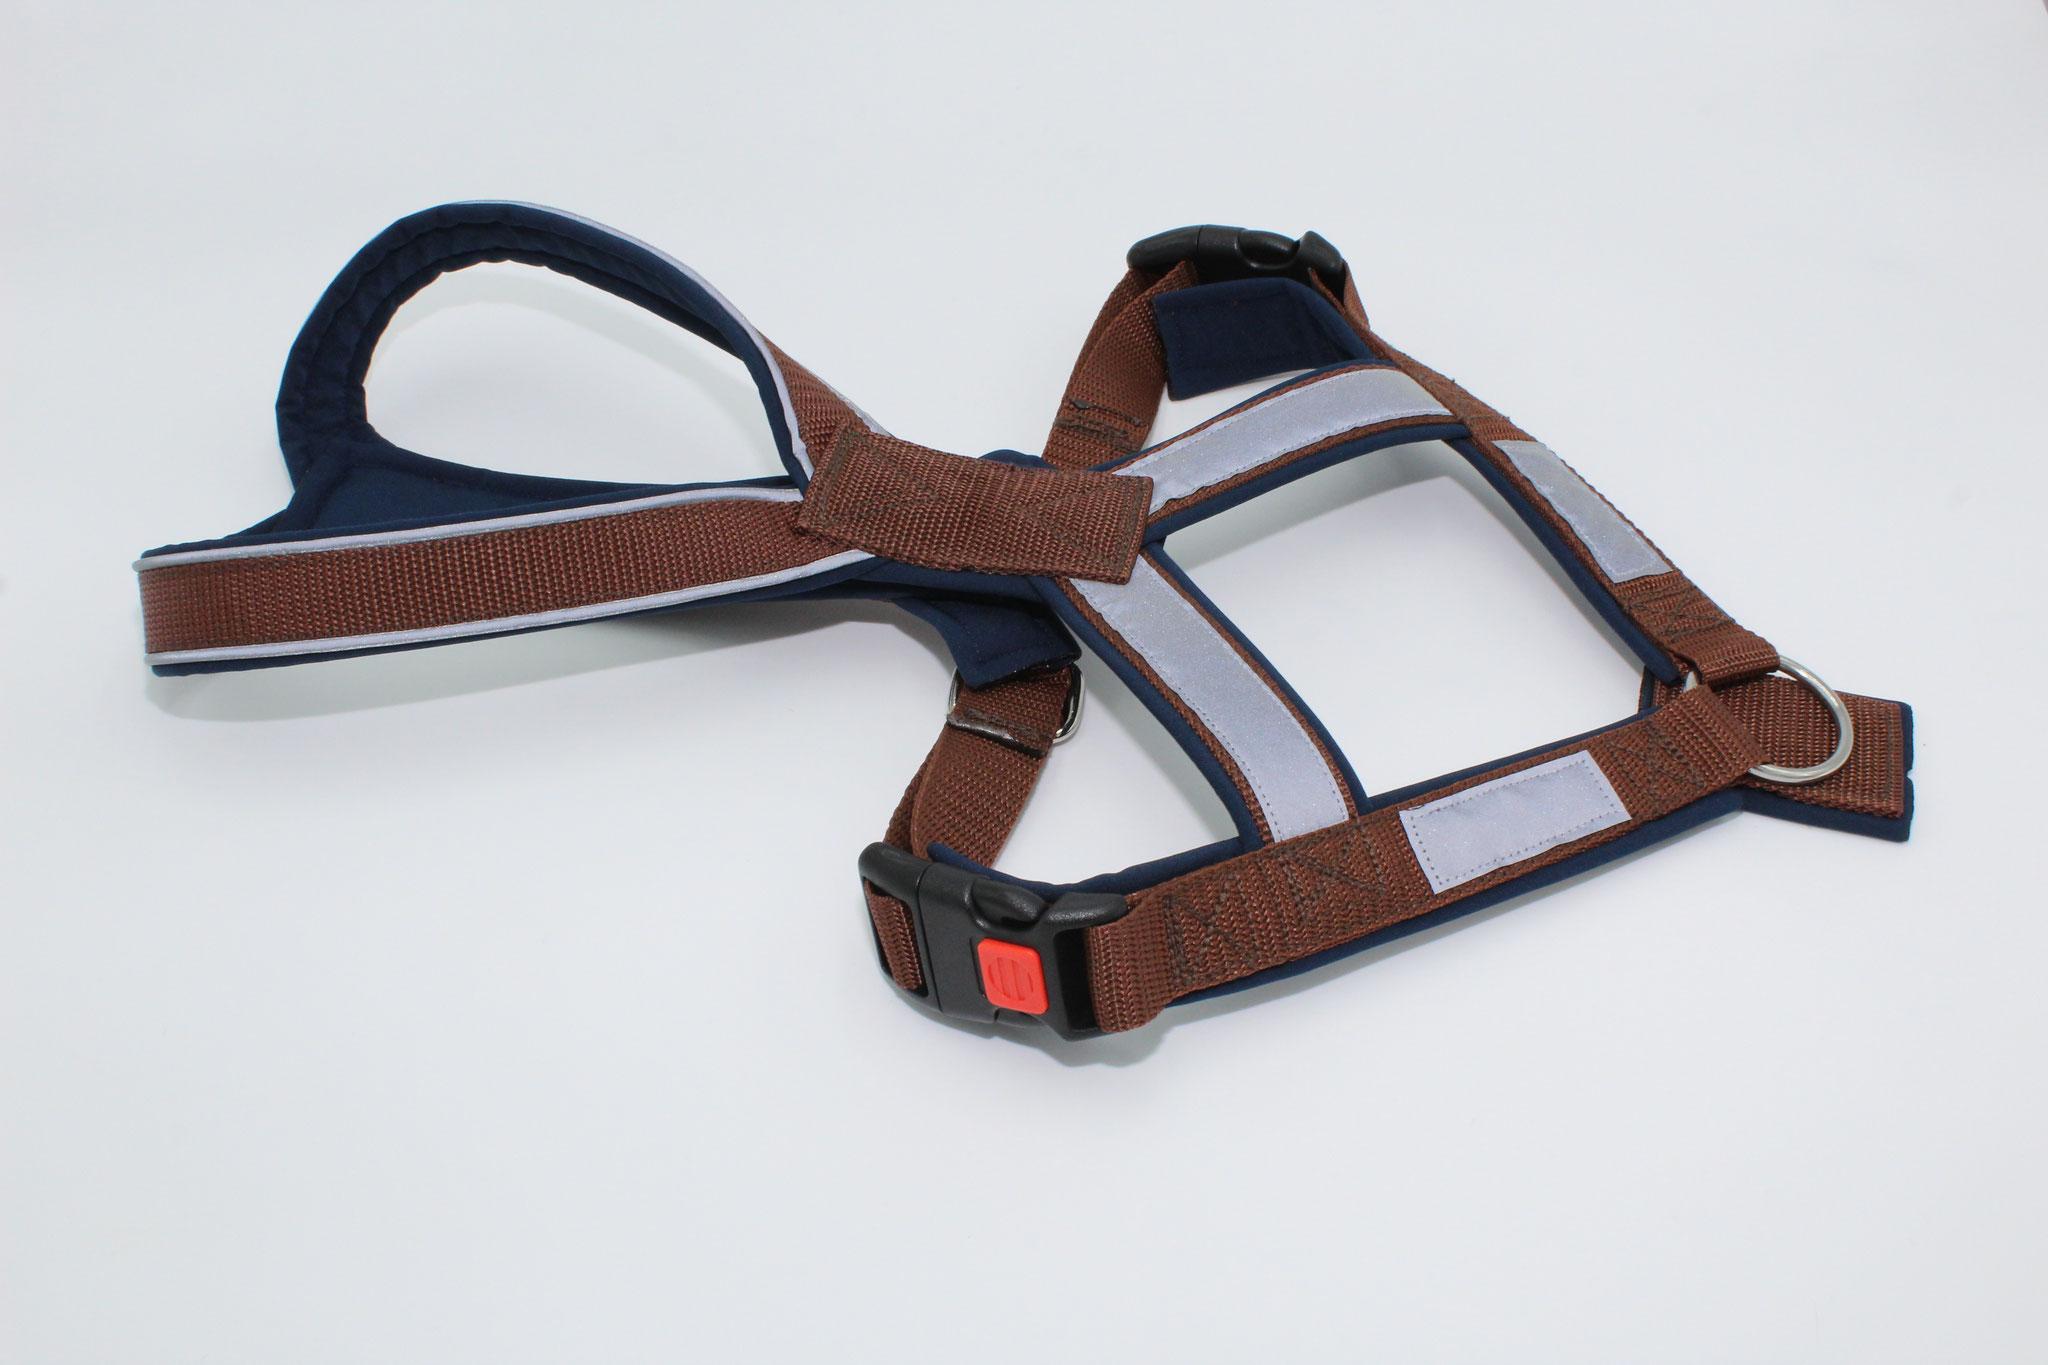 Gurtband schokobraun G2, Softshell dunkelblau S40, mit Reflektorenpapsel und Reflektorenband